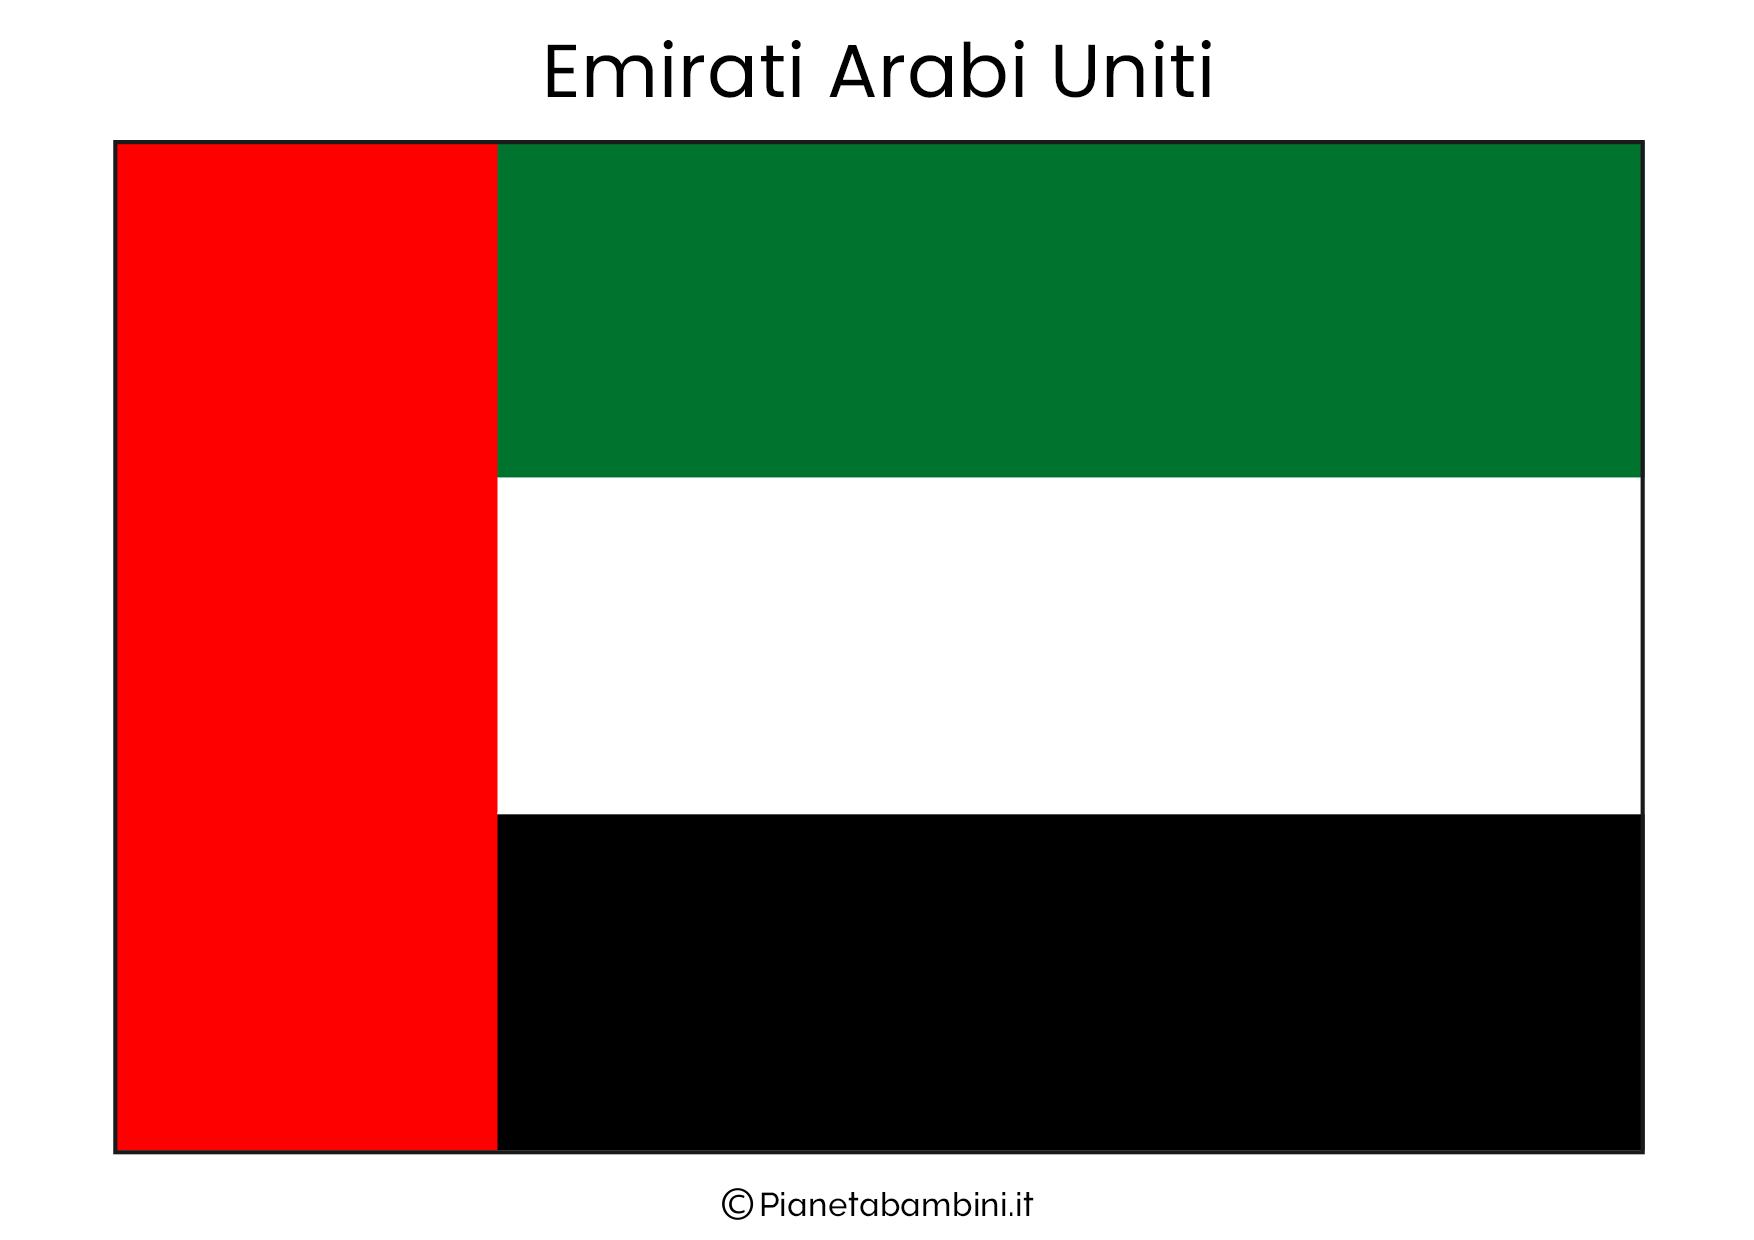 Bandiera degli Emirati Arabi Uniti da stampare